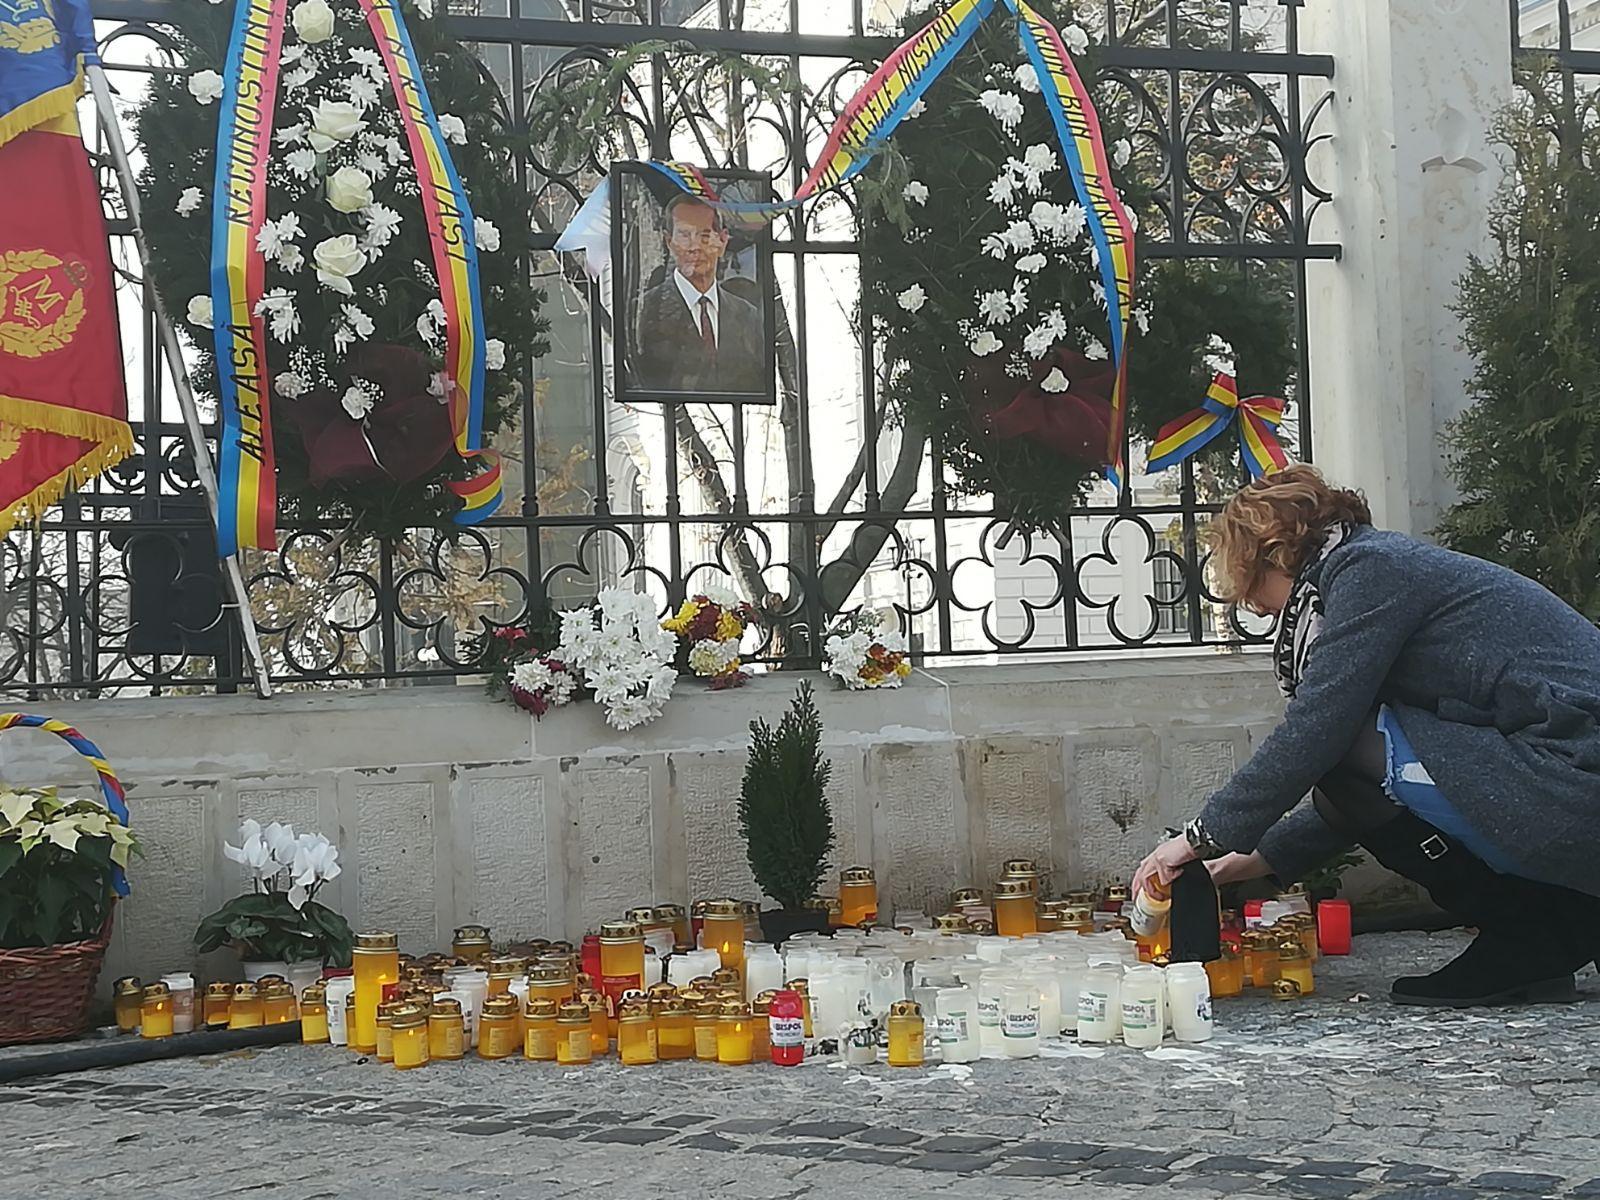 Peste 150 de ieşeni şi români de peste Prut au participat la slujba oficiată pentru Regele Mihai, la Mitropolie/ Filozoful Mihai Şora: Unul dintre oamenii mari ai ţării nu mai e printre noi - FOTO, VIDEO